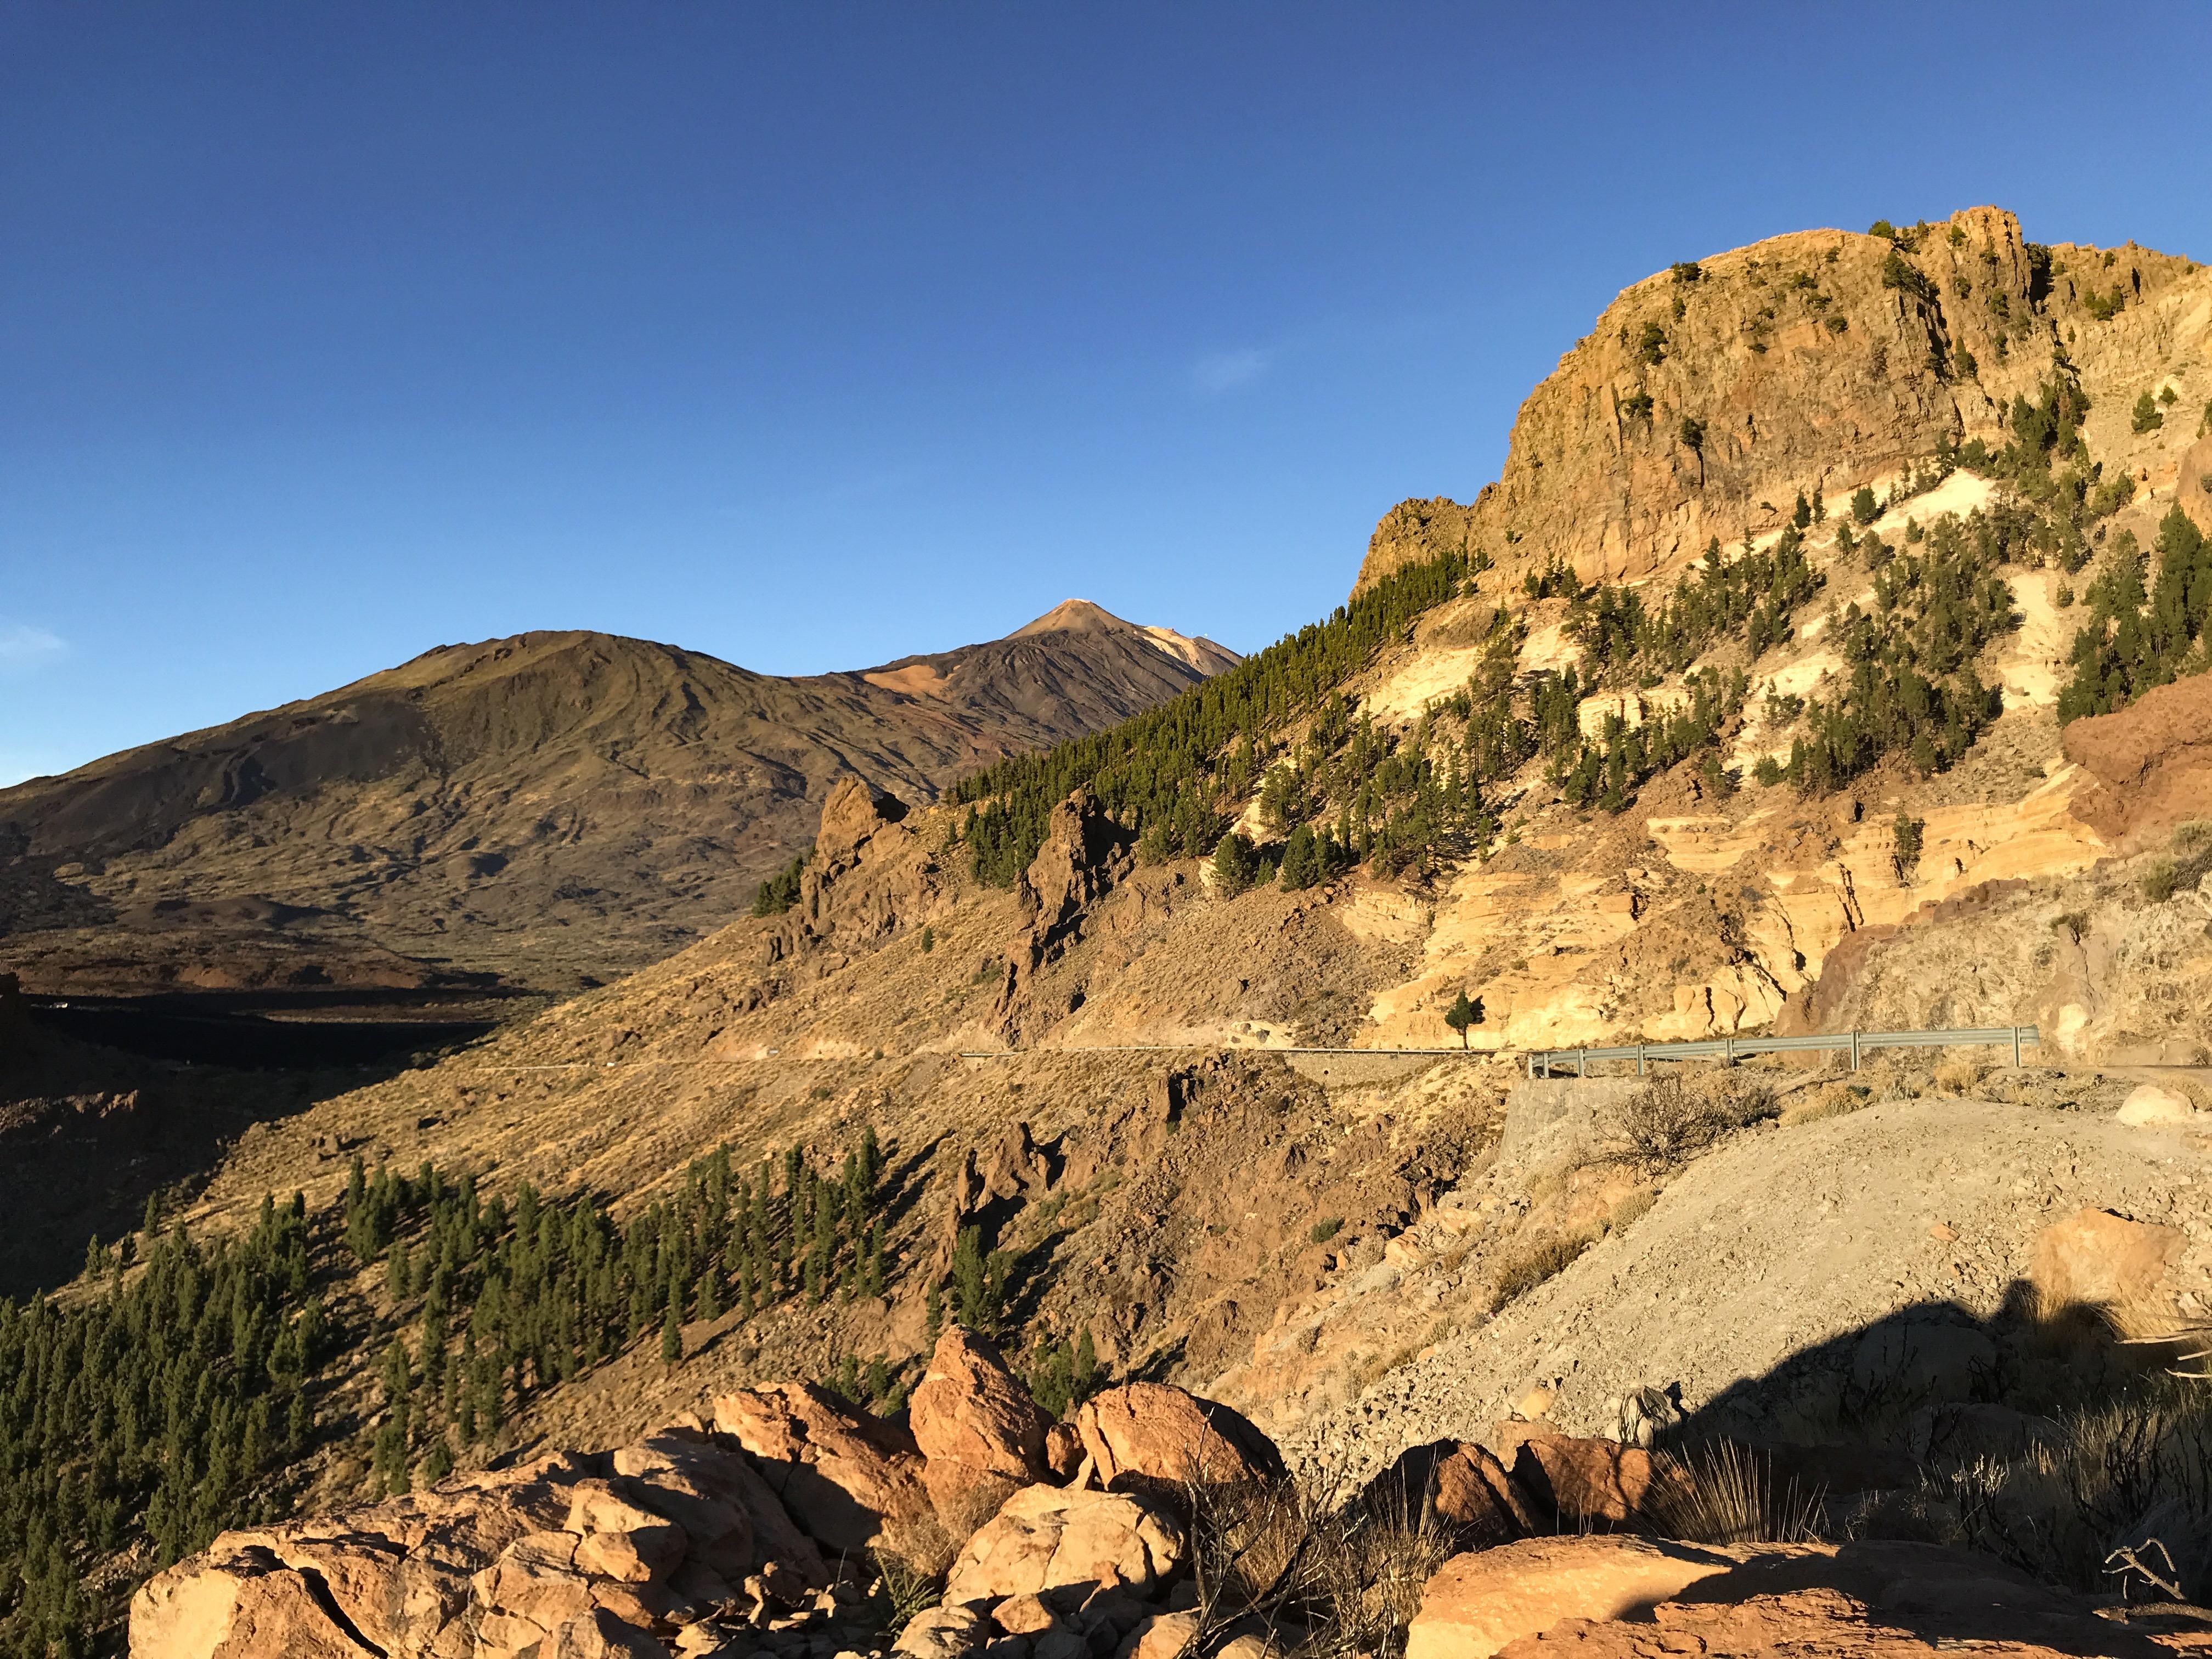 Pohľad na Pico del Teide pred západom slnka